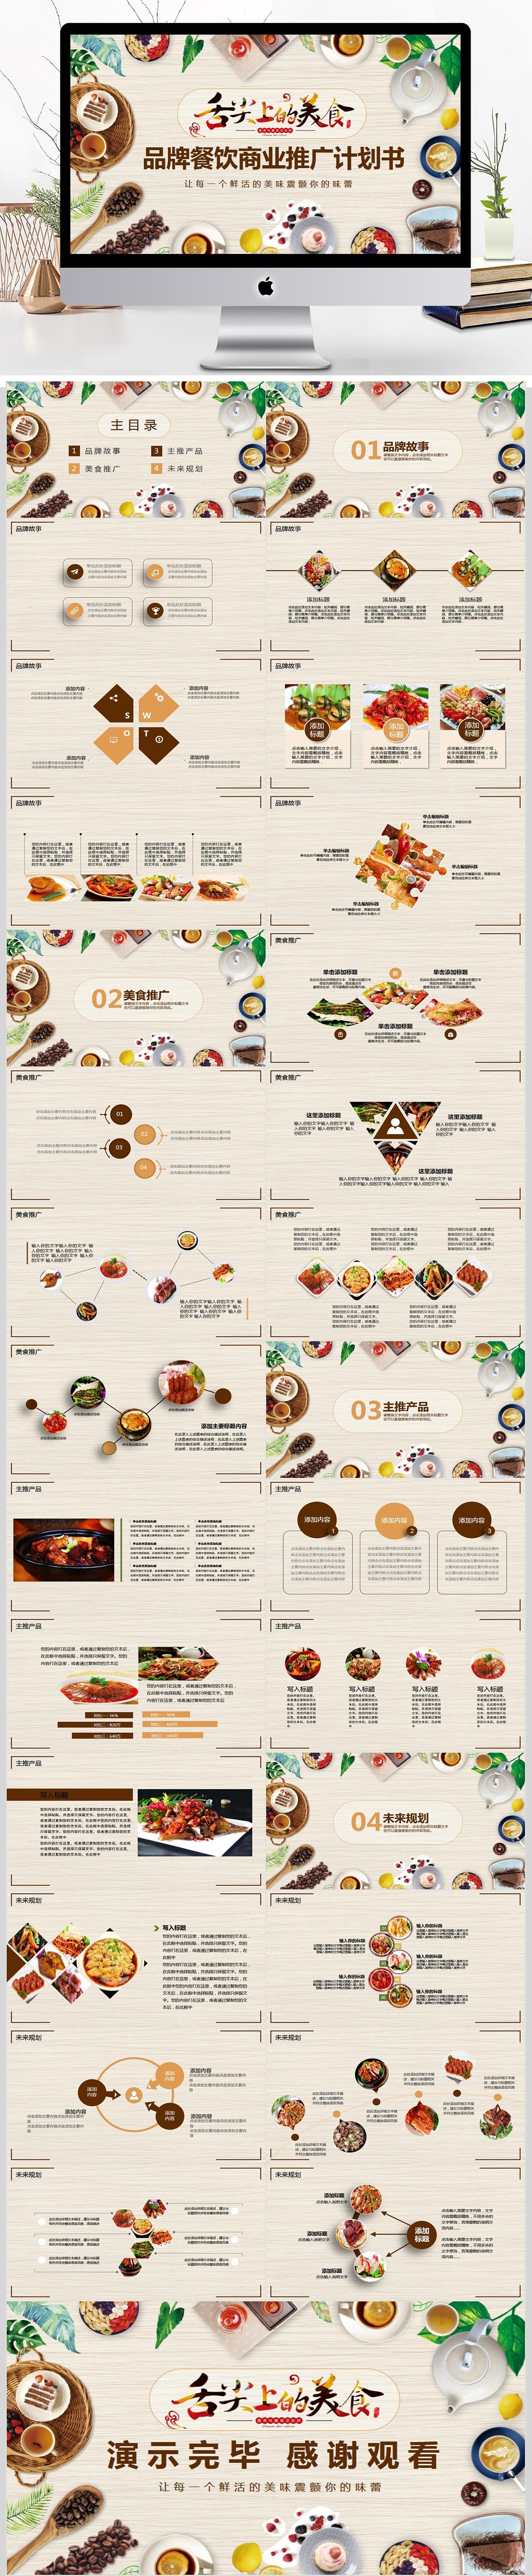 舌尖上的美食品牌酒店餐厅产品宣传销售推广计划书ppt模板图片